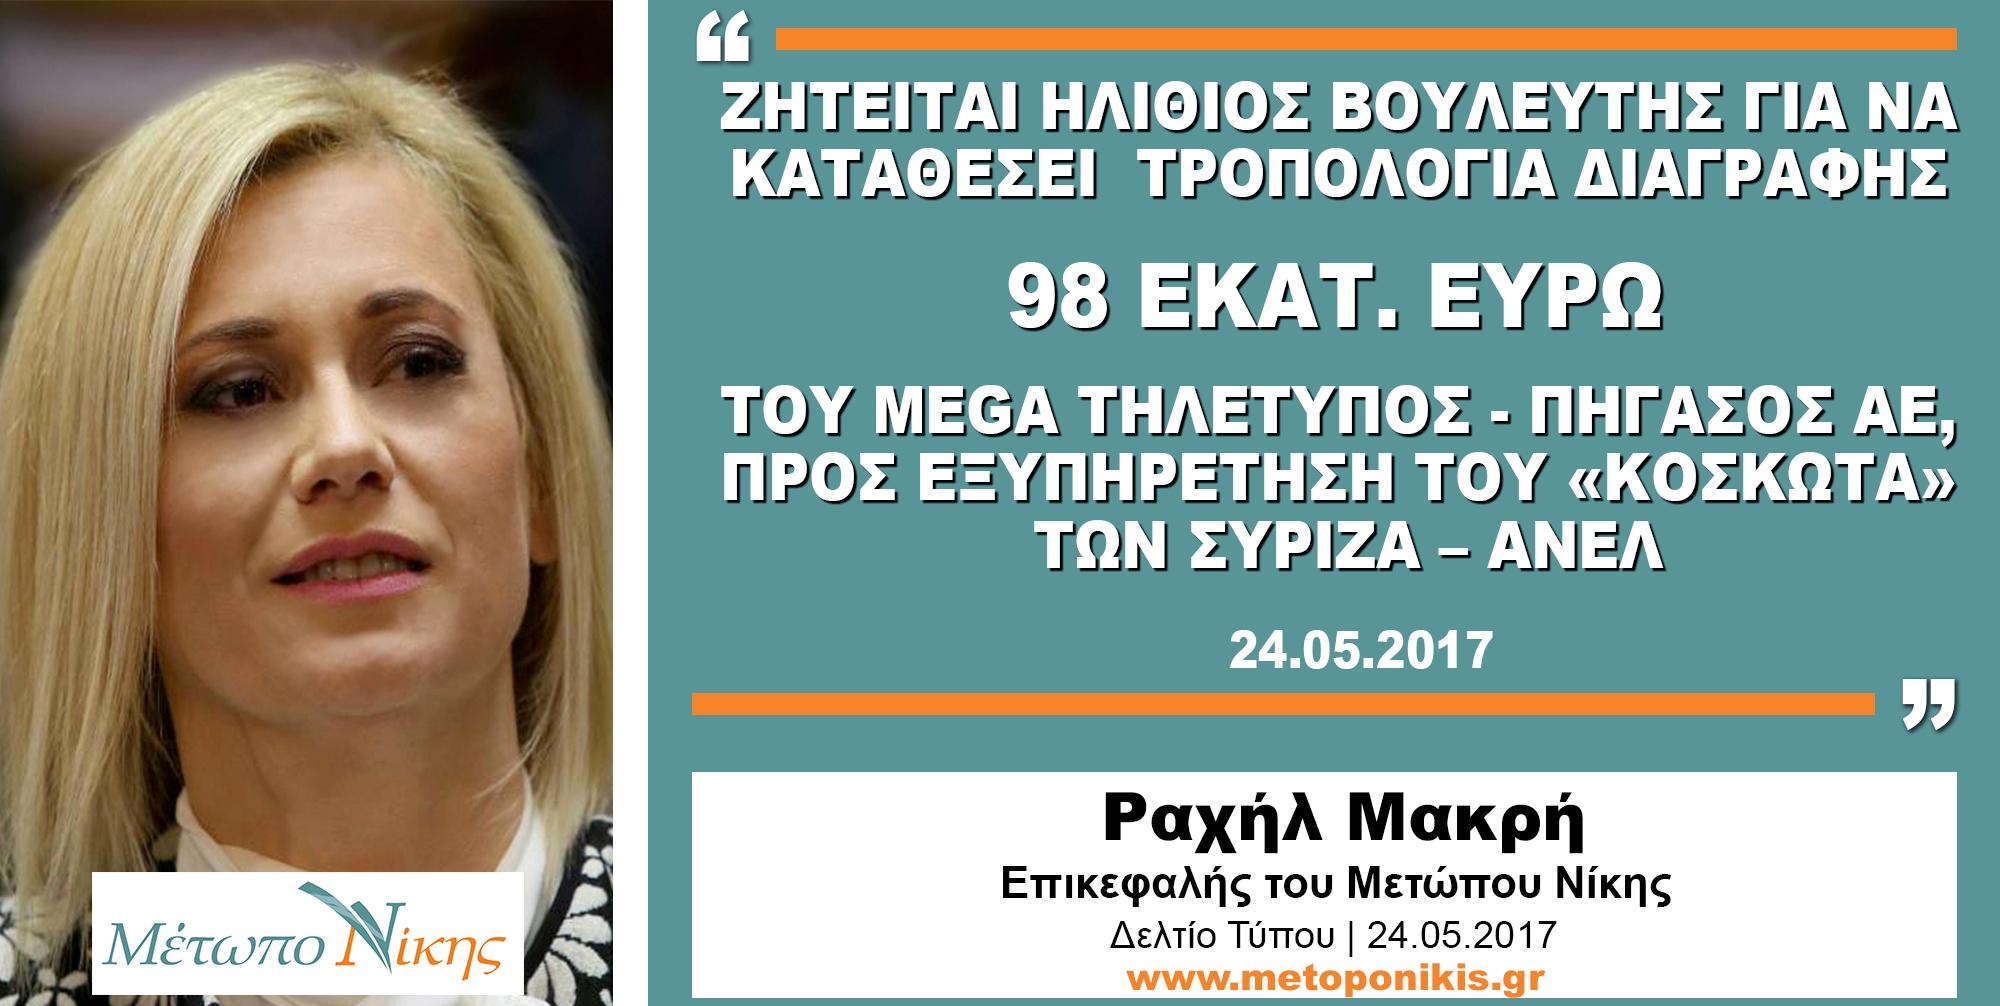 Ραχήλ Μακρή: «Ζητείται ηλίθιος βουλευτής για να καταθέσει τροπολογία διαγραφής 98 εκατομμυρίων ευρώ του MEGA Τηλετύπος – Πήγασος ΑΕ, προς εξυπηρέτηση του «Κοσκωτά» των ΣΥΡΙΖΑ – ΑΝΕΛ»